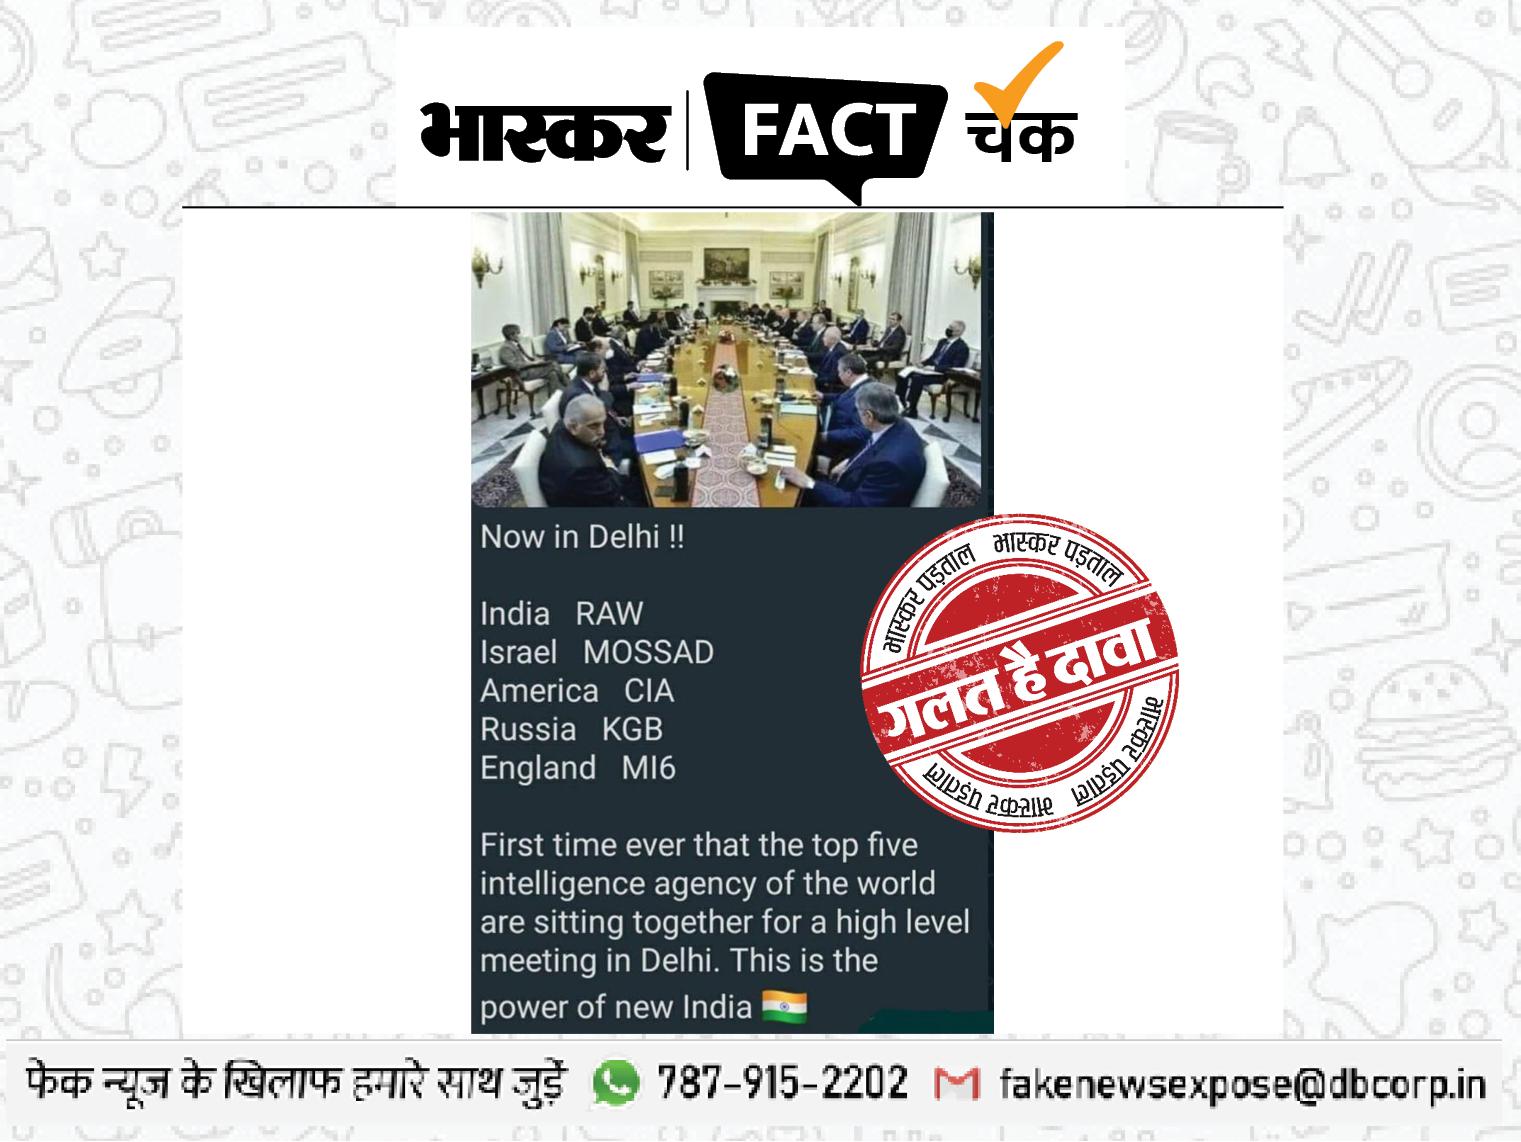 दिल्ली में हुई भारत, इज़राइल, अमेरिका, रूस और इंग्लैंड की खुफिया एजेंसियों की बैठक? जानिए इस वायरल फोटो का सच फेक न्यूज़ एक्सपोज़,Fake News Expose - Dainik Bhaskar